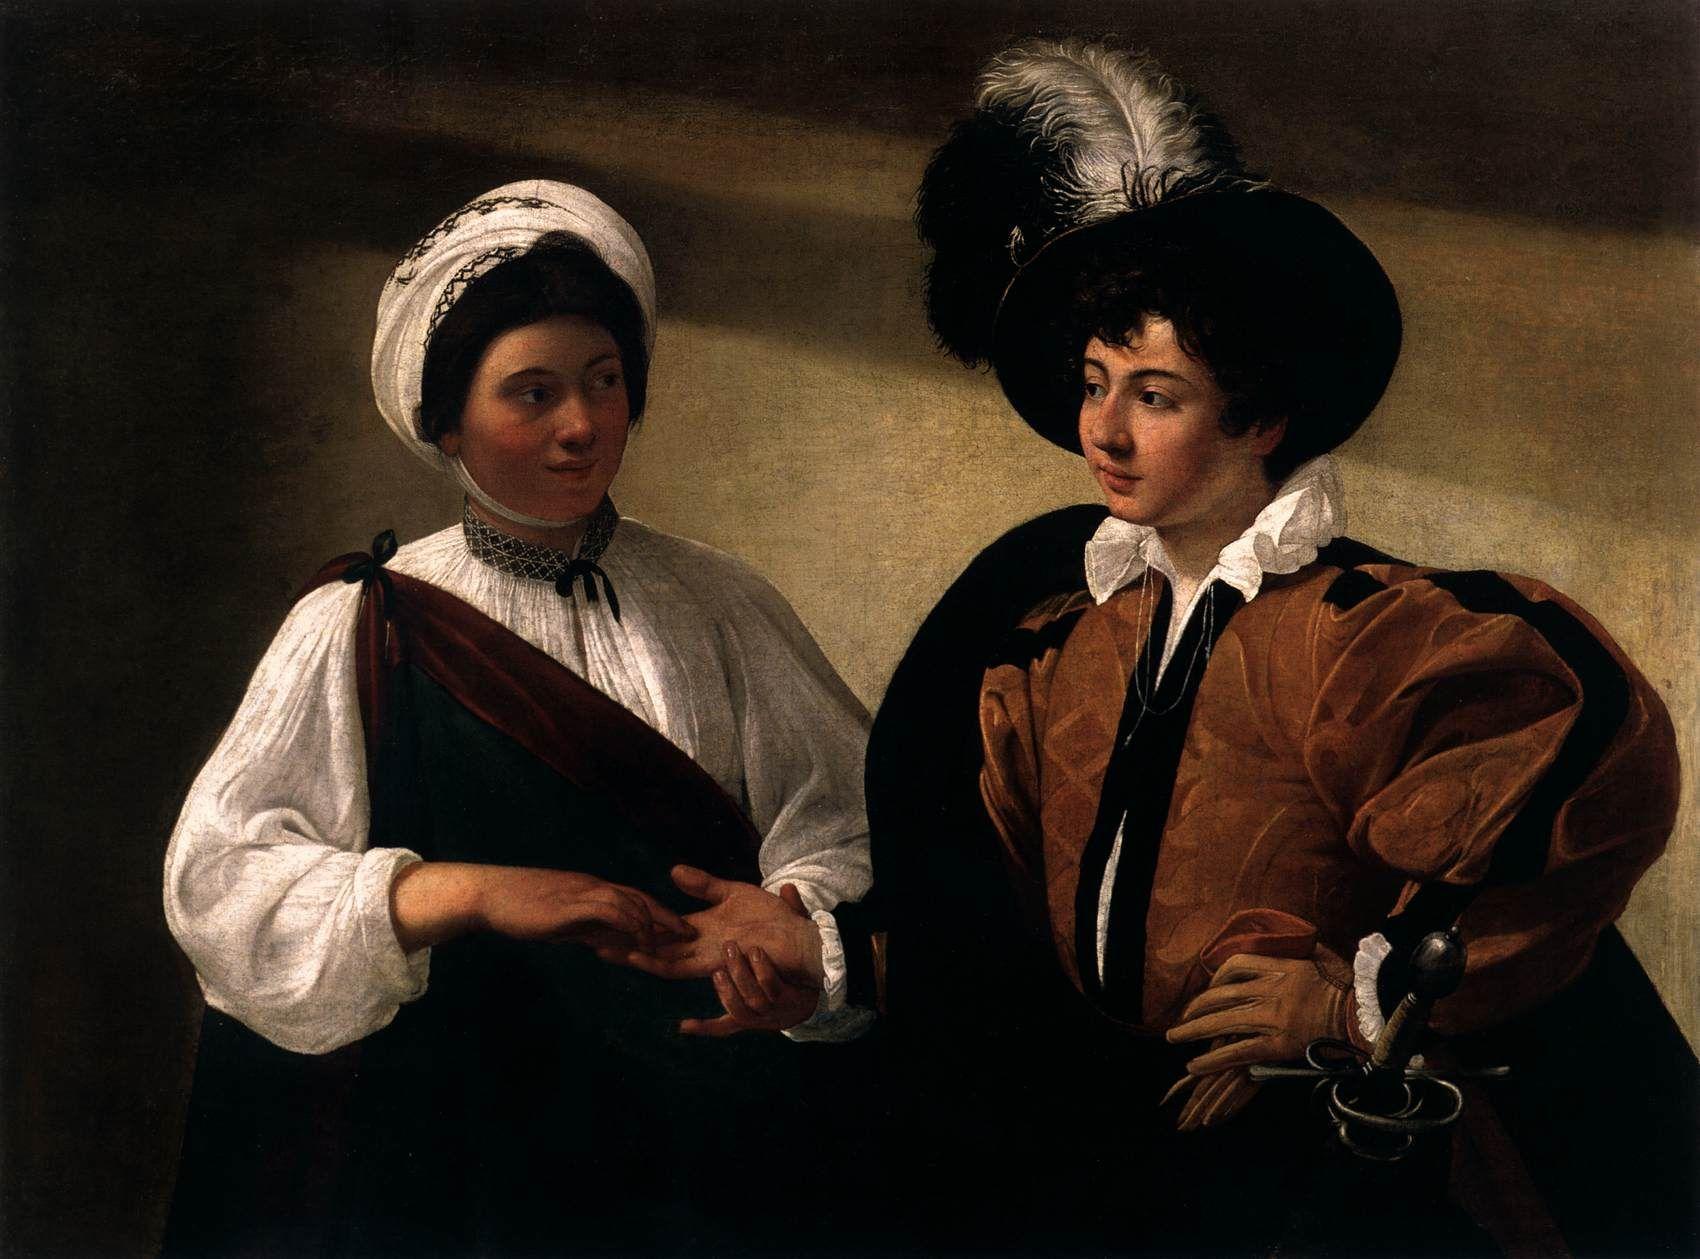 Resultado de imagen de Caravaggio La buenaventura